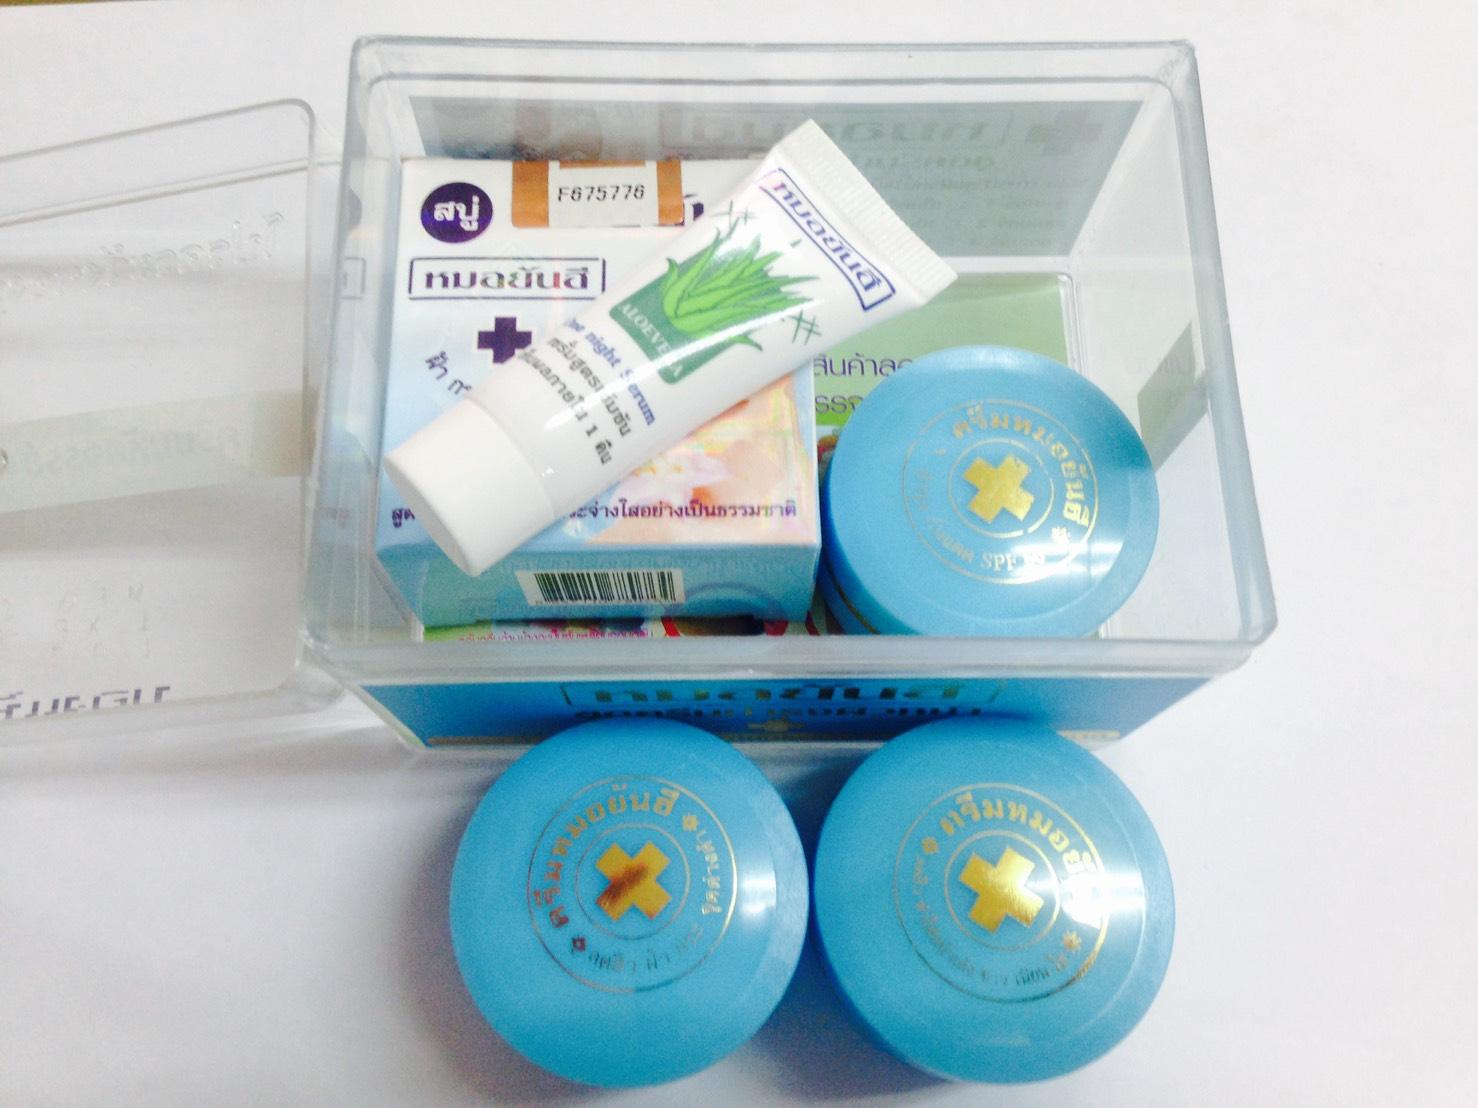 ครีมยันฮีสีฟ้า ยอดนิยม!! (1กล่อง)